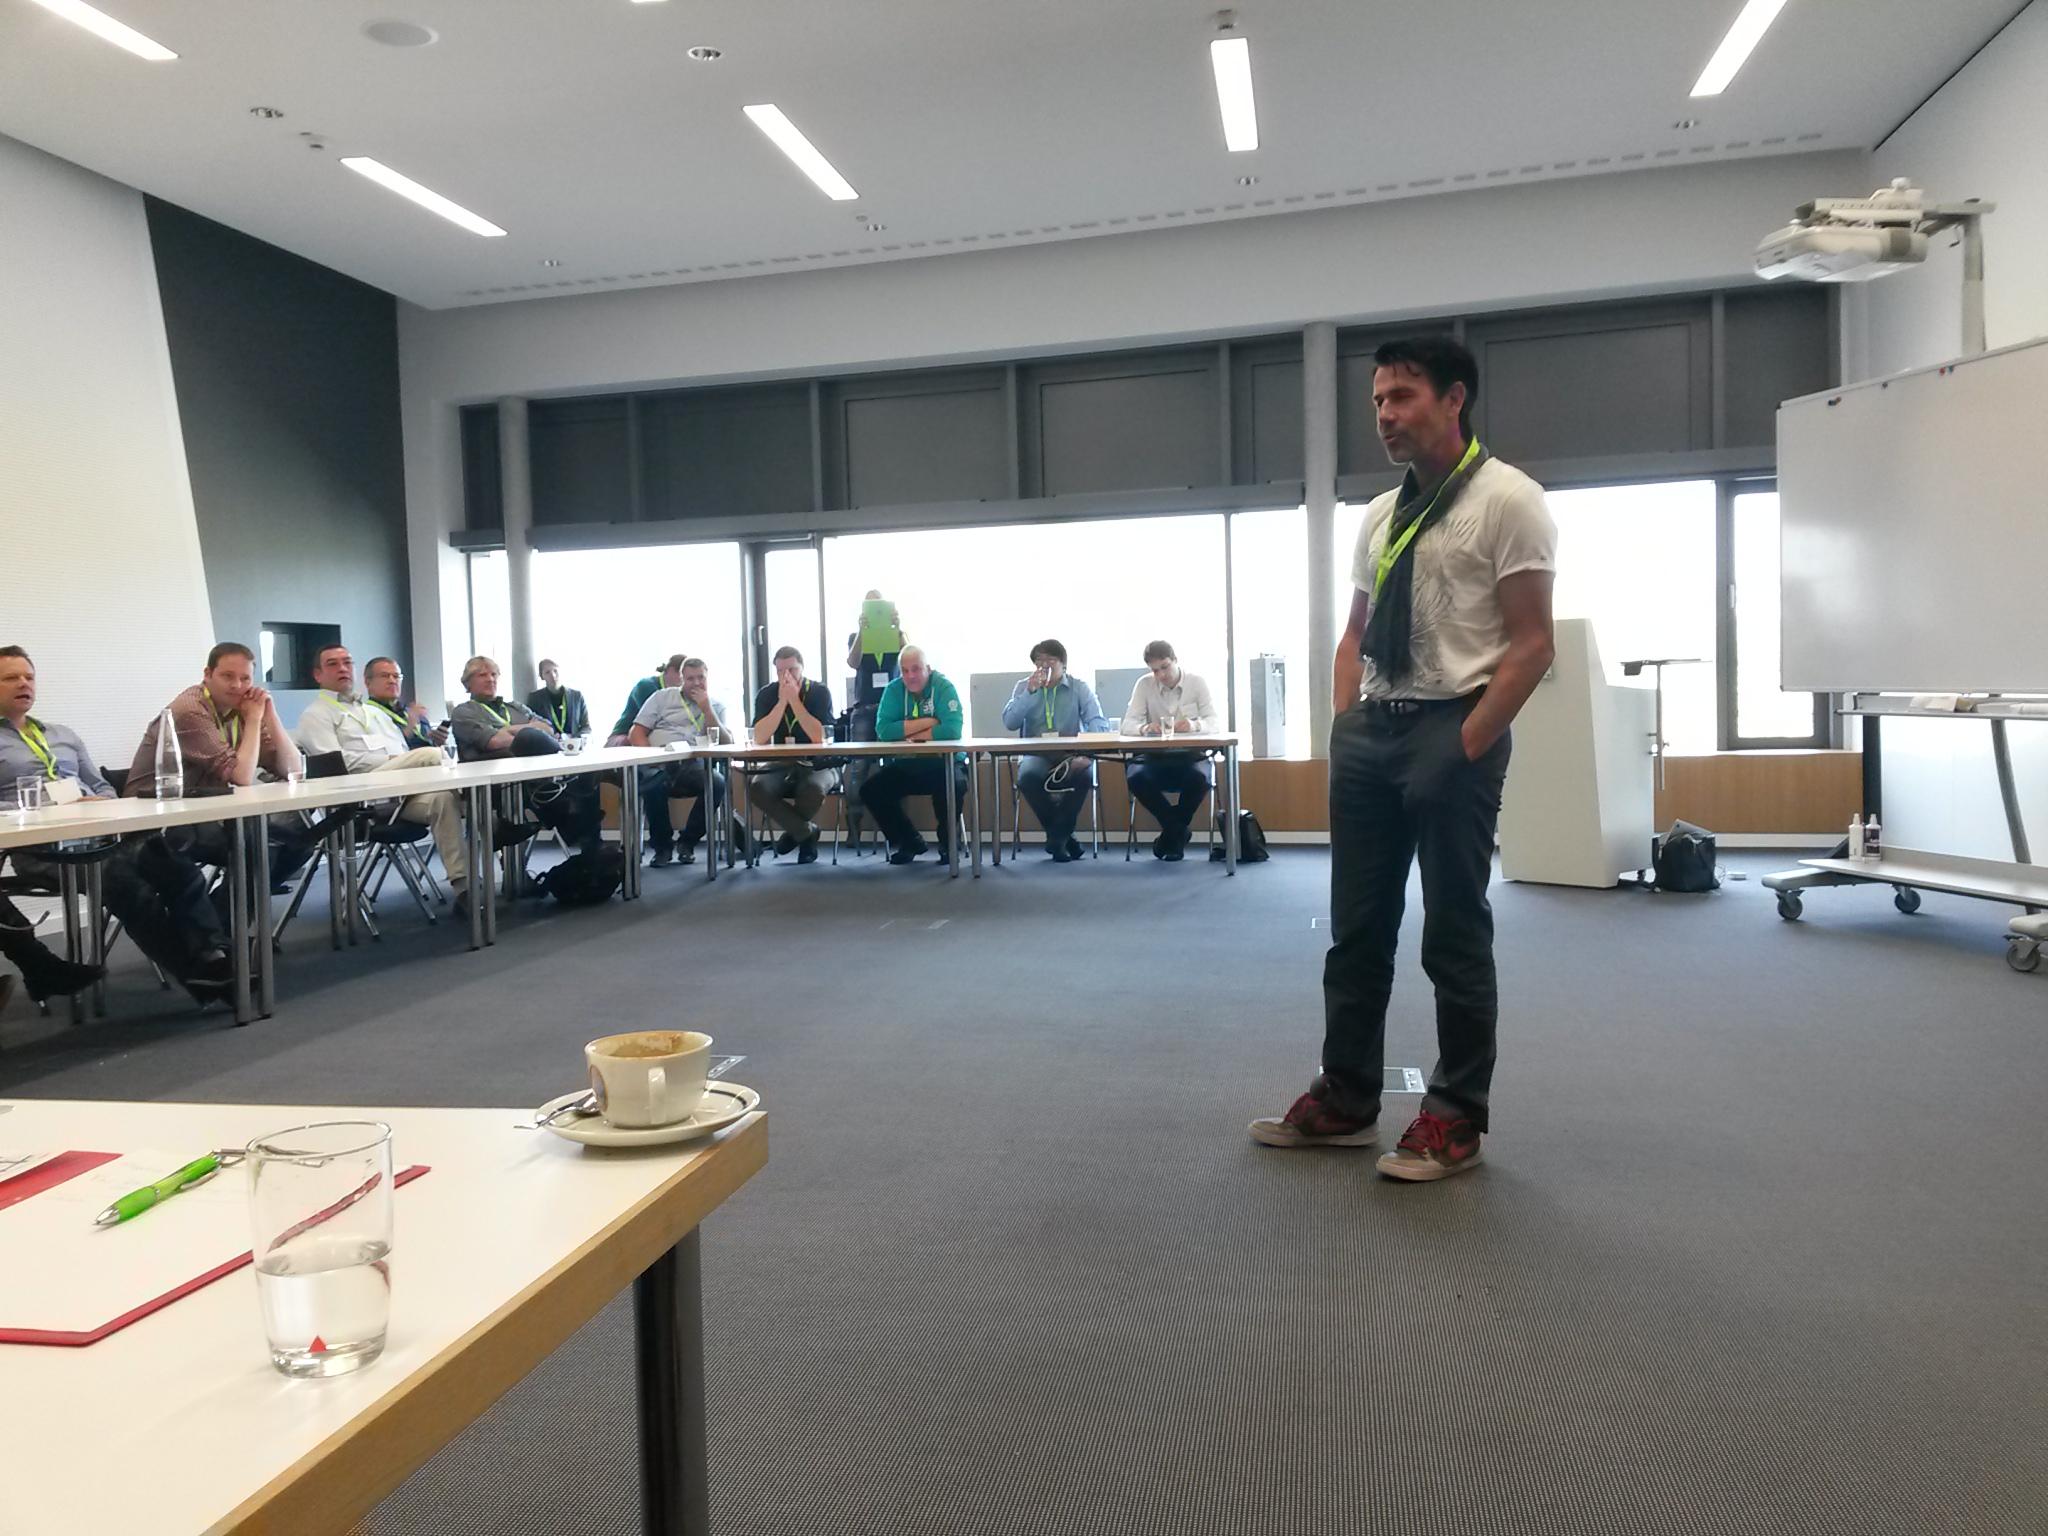 Session mit Energiewende-Visionär Matthias Willenbacher